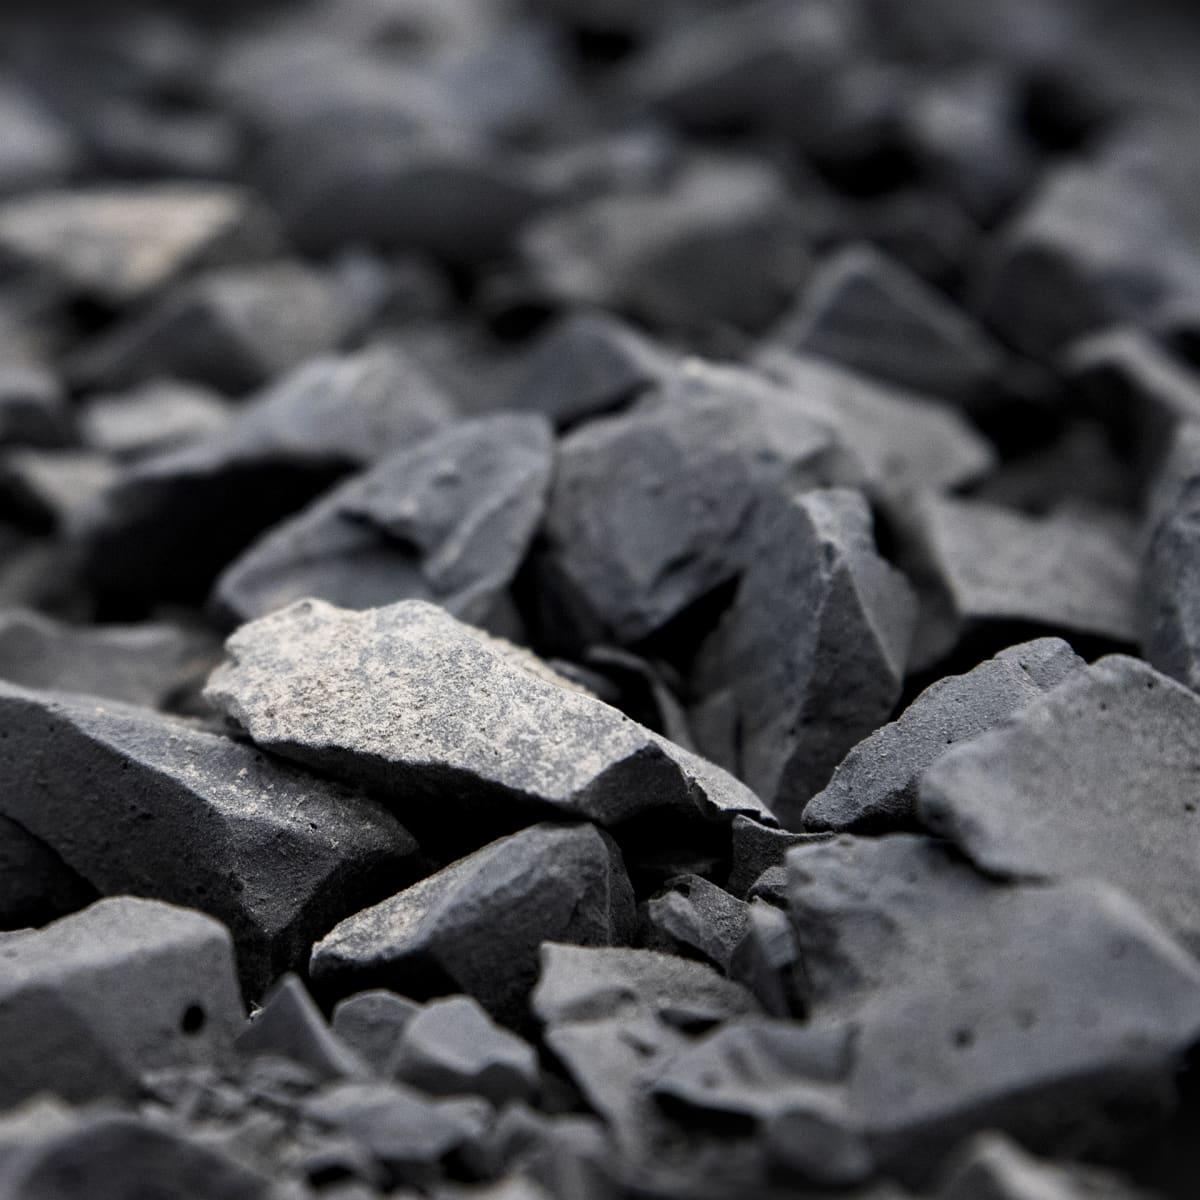 Teollisuuden jätteestä valmistettua biomursketta.